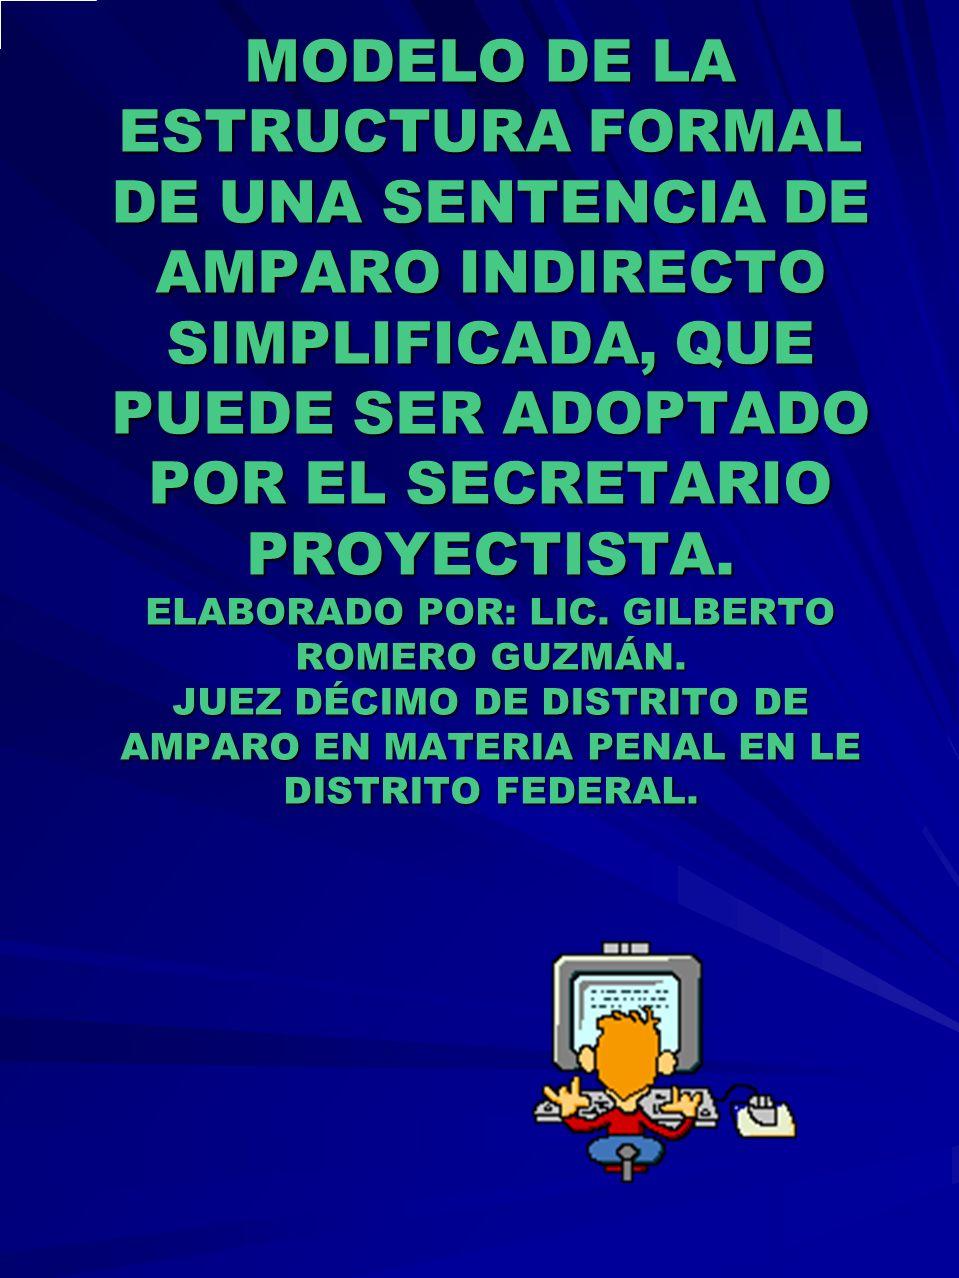 MODELO DE LA ESTRUCTURA FORMAL DE UNA SENTENCIA DE AMPARO INDIRECTO SIMPLIFICADA, QUE PUEDE SER ADOPTADO POR EL SECRETARIO PROYECTISTA.